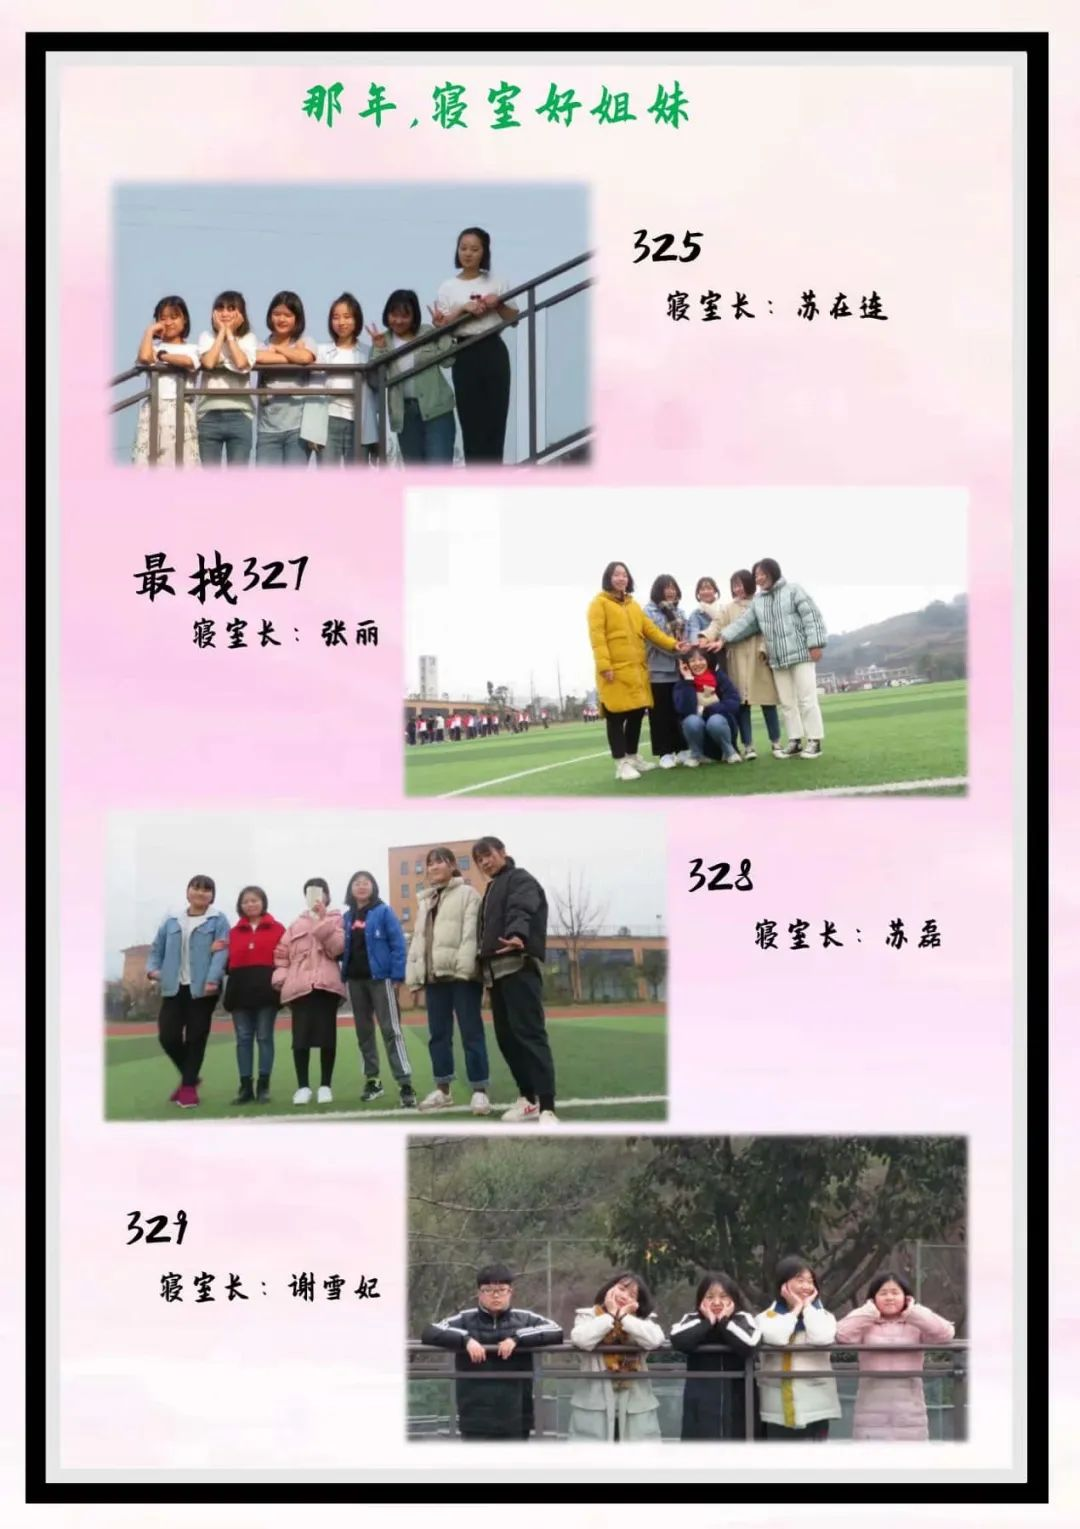 再见,云涛之家—叙永三中17级10班毕业纪念 叙永三中 第21张